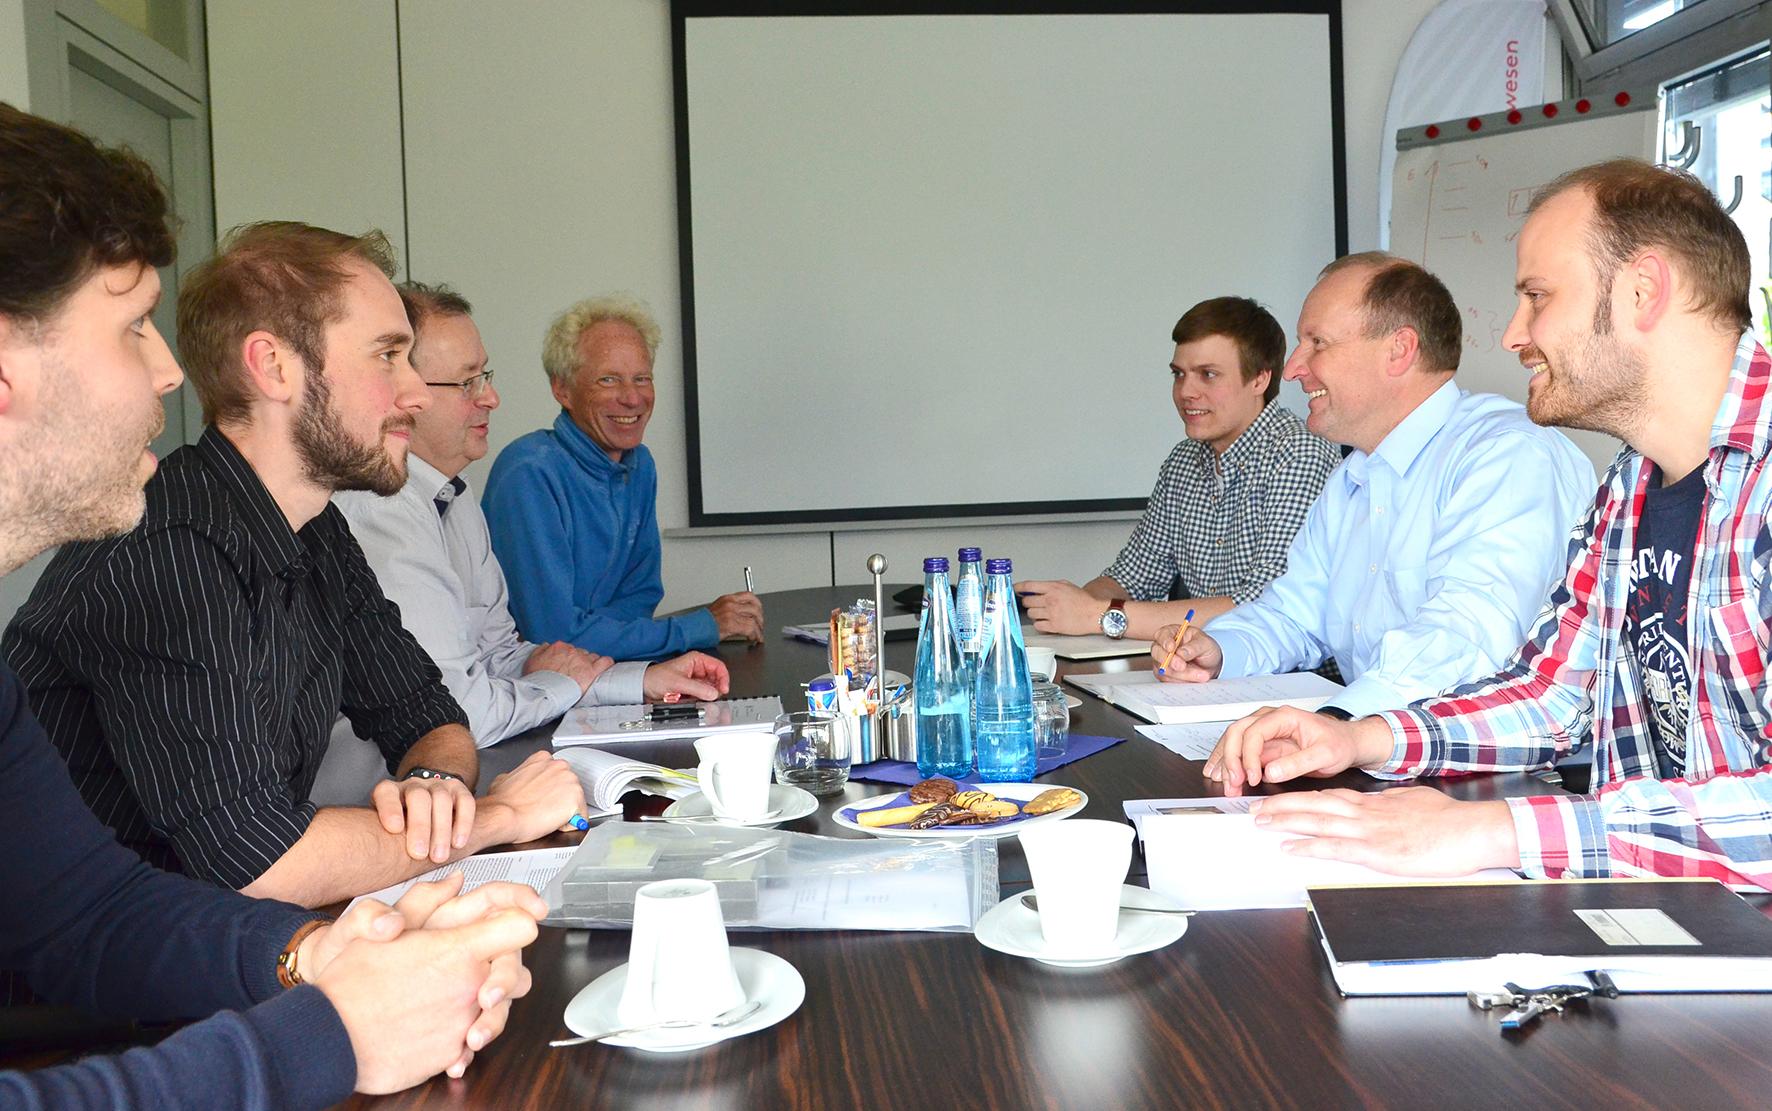 Gruppenfoto am Tisch in einer Konferenz